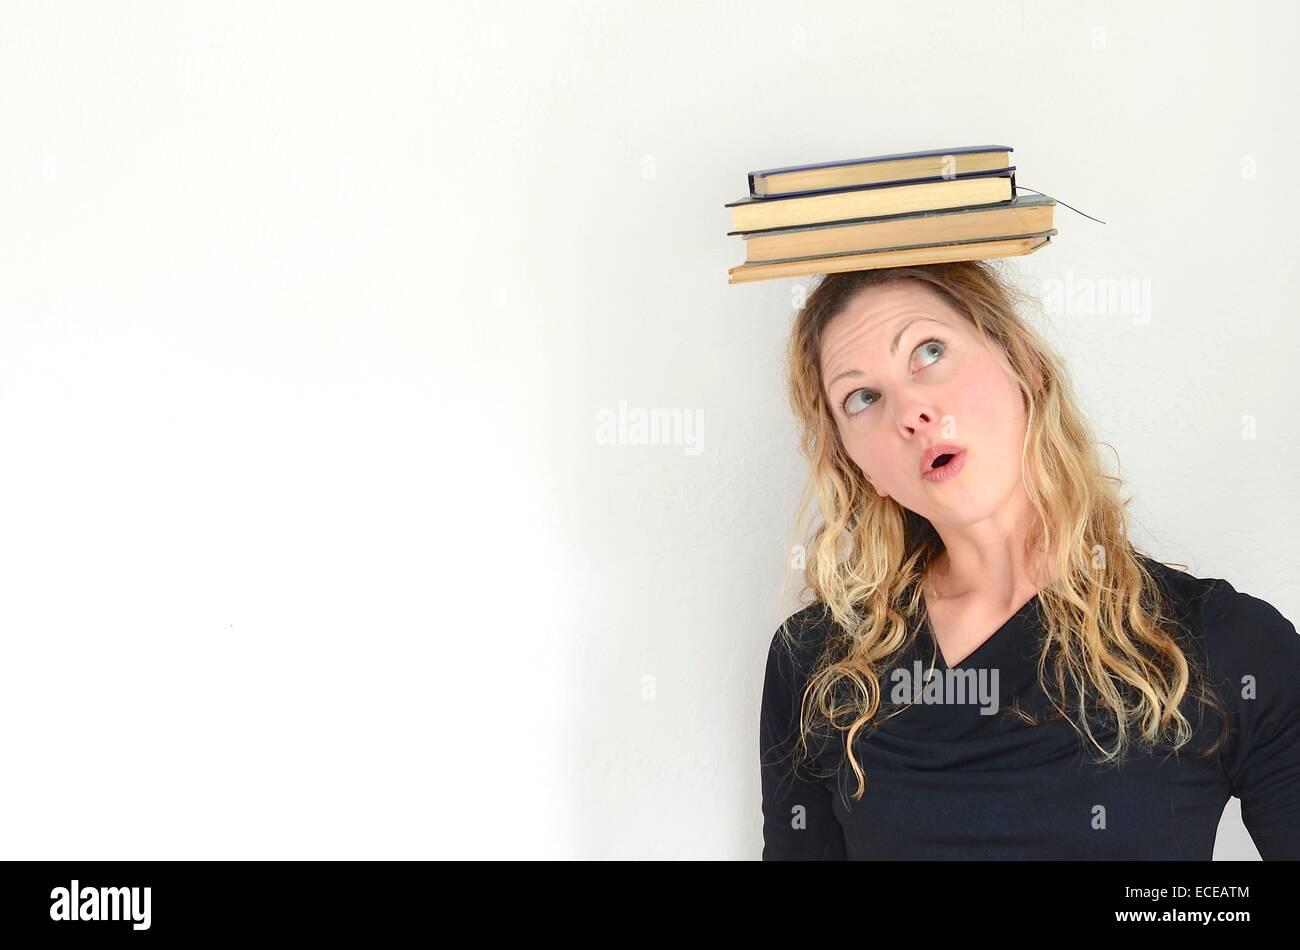 Mujer mirando hacia arriba en la pila de libros vintage equilibrado en la cabeza. Imagen De Stock